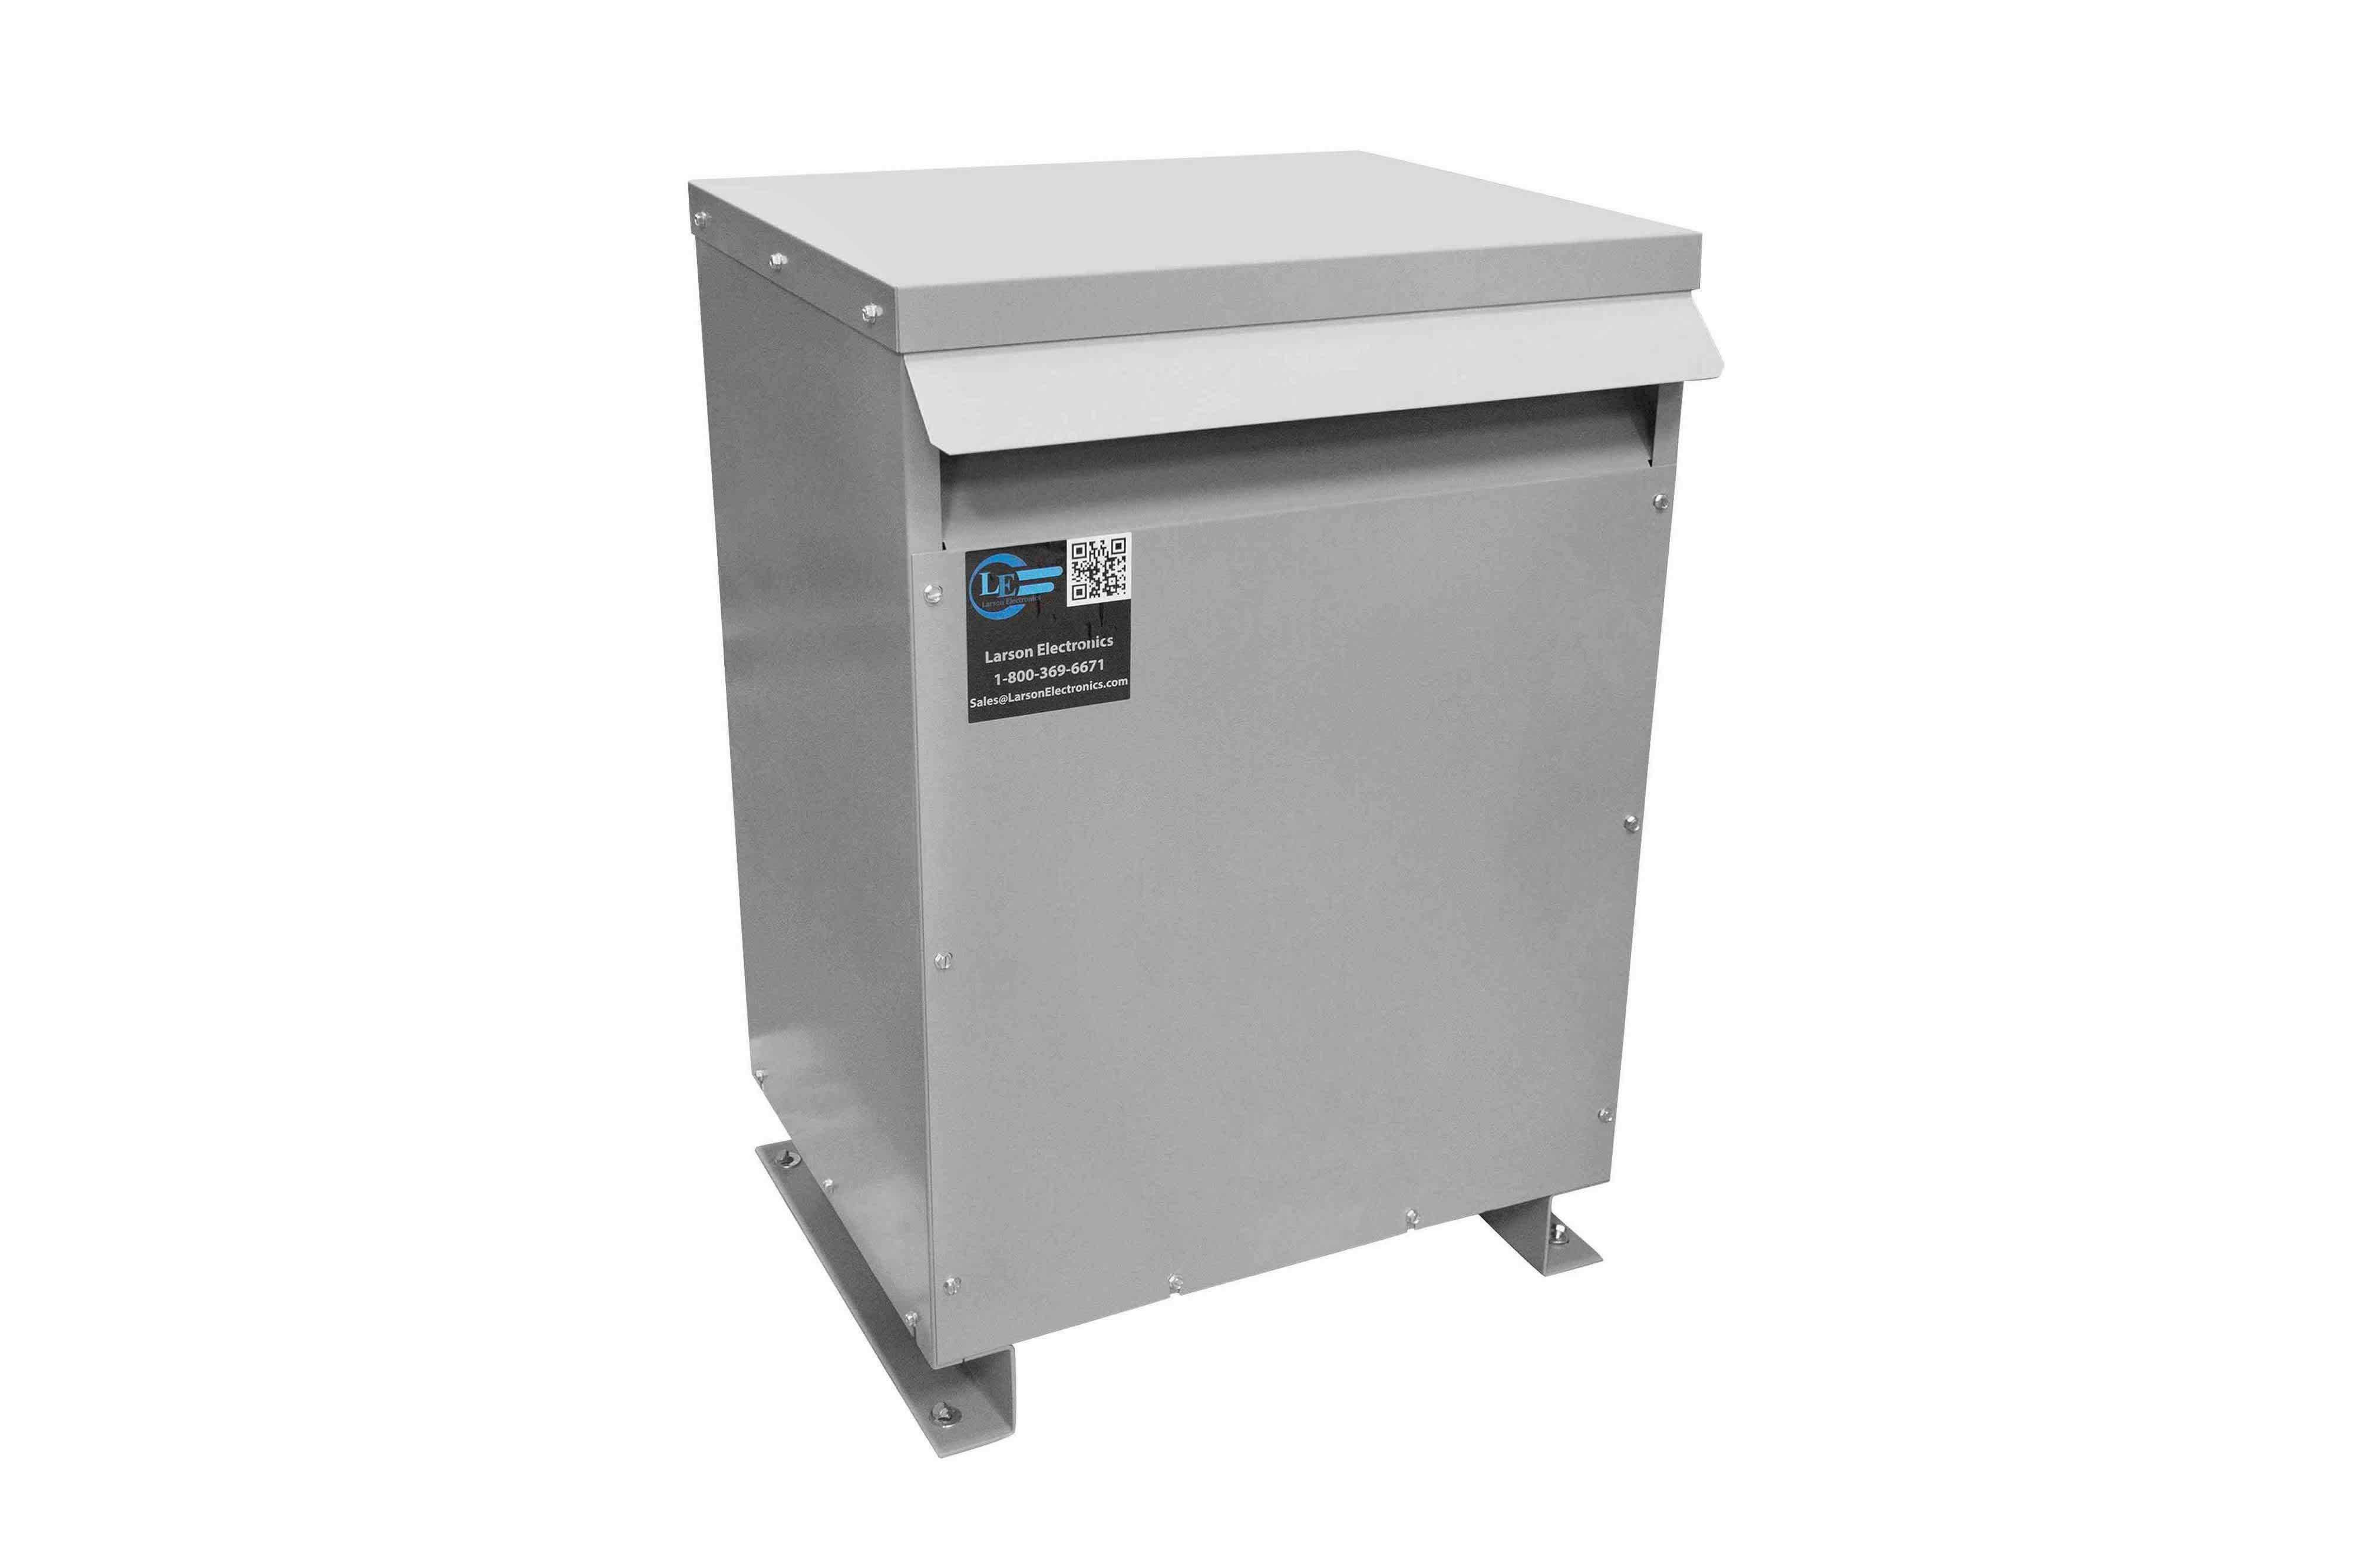 400 kVA 3PH Isolation Transformer, 208V Delta Primary, 380V Delta Secondary, N3R, Ventilated, 60 Hz